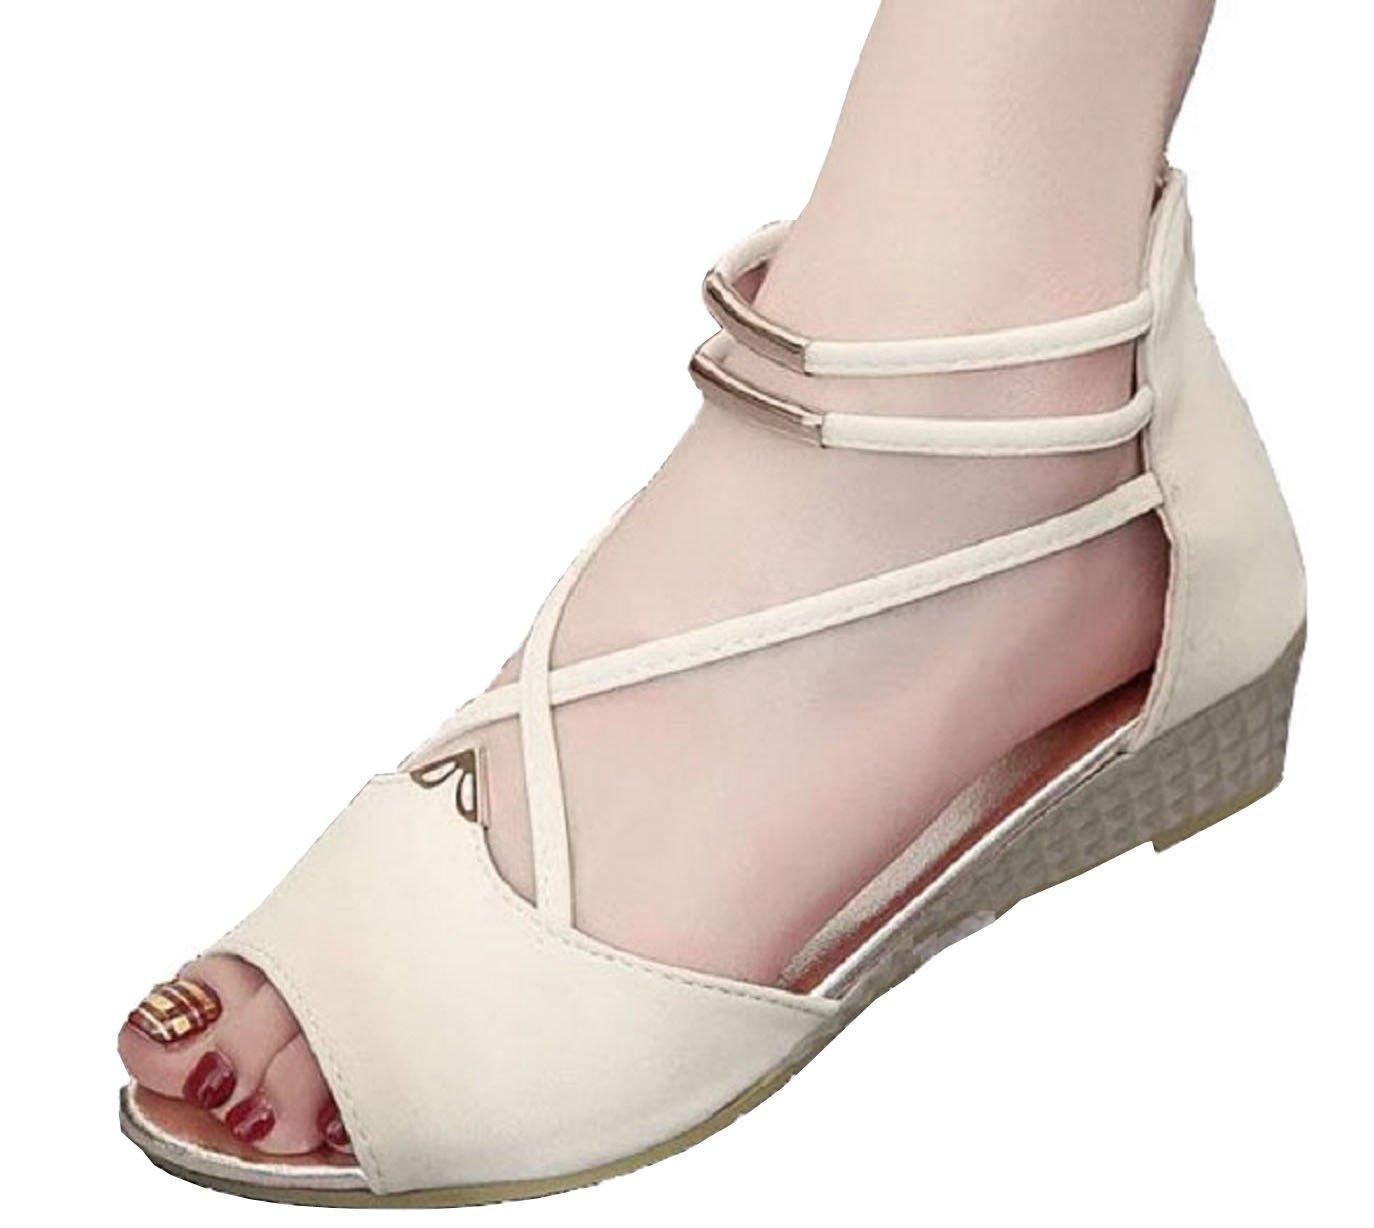 Hee grand Women Roman Style Open Toe Cross Strap Flat Sandals US 5 Beige